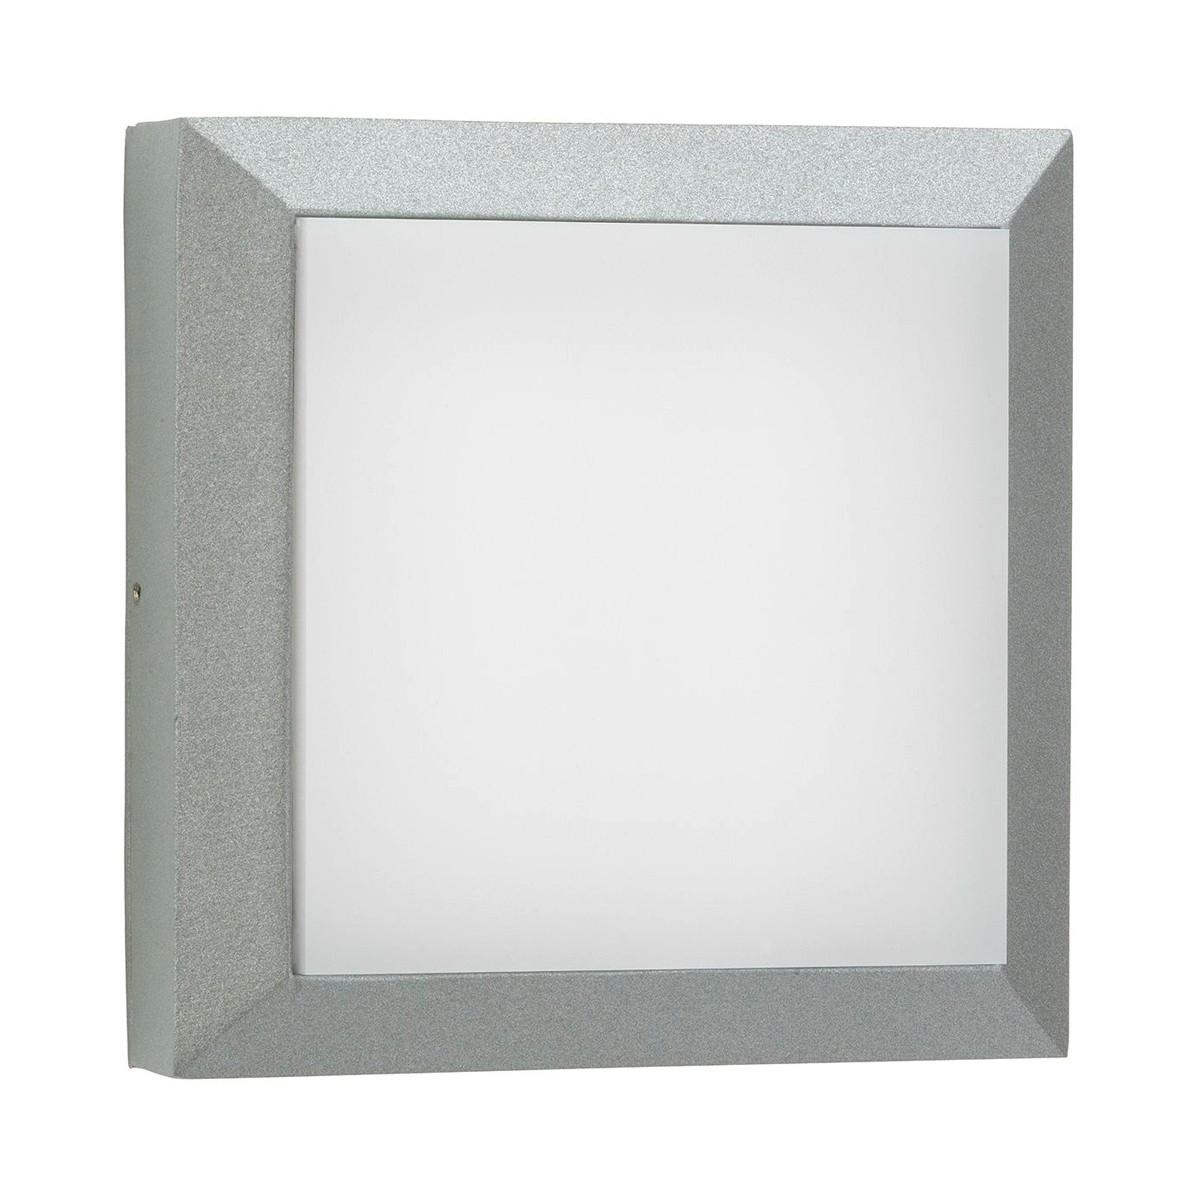 Albert 6562 LED Wand- / Deckenleuchte, Silber